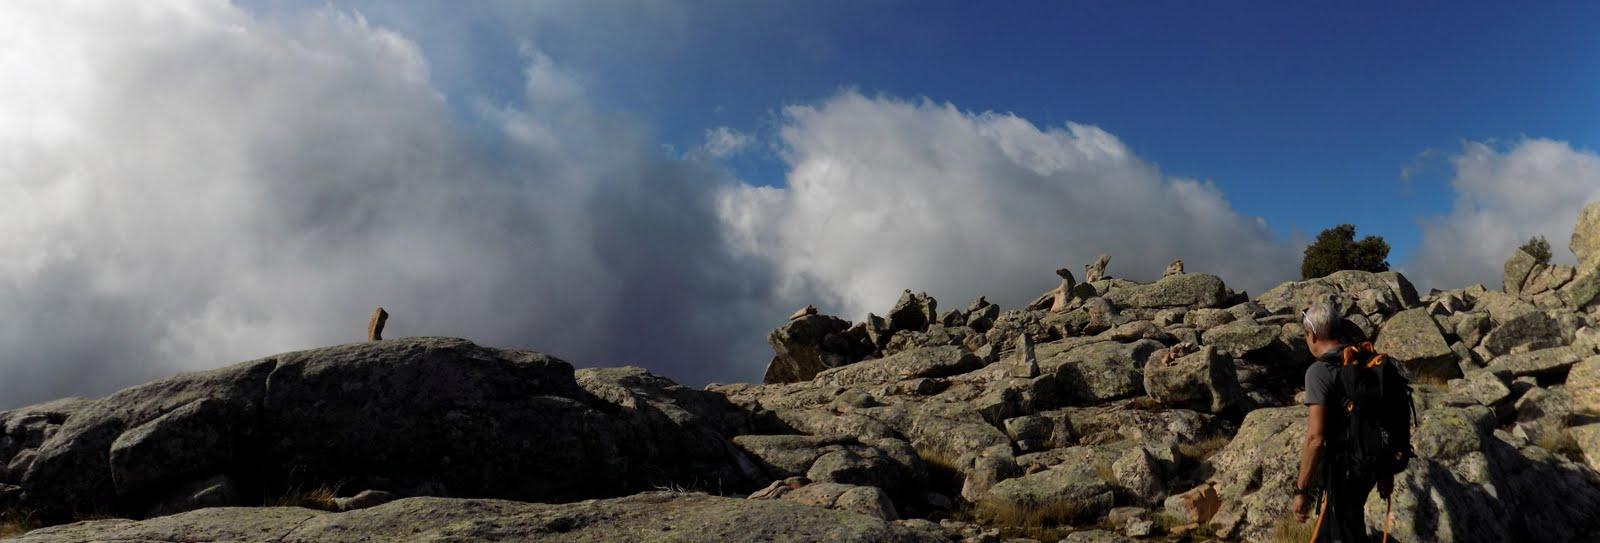 Arrivée sur le sommet secondaire du Capellu (photo Olivier Hespel)